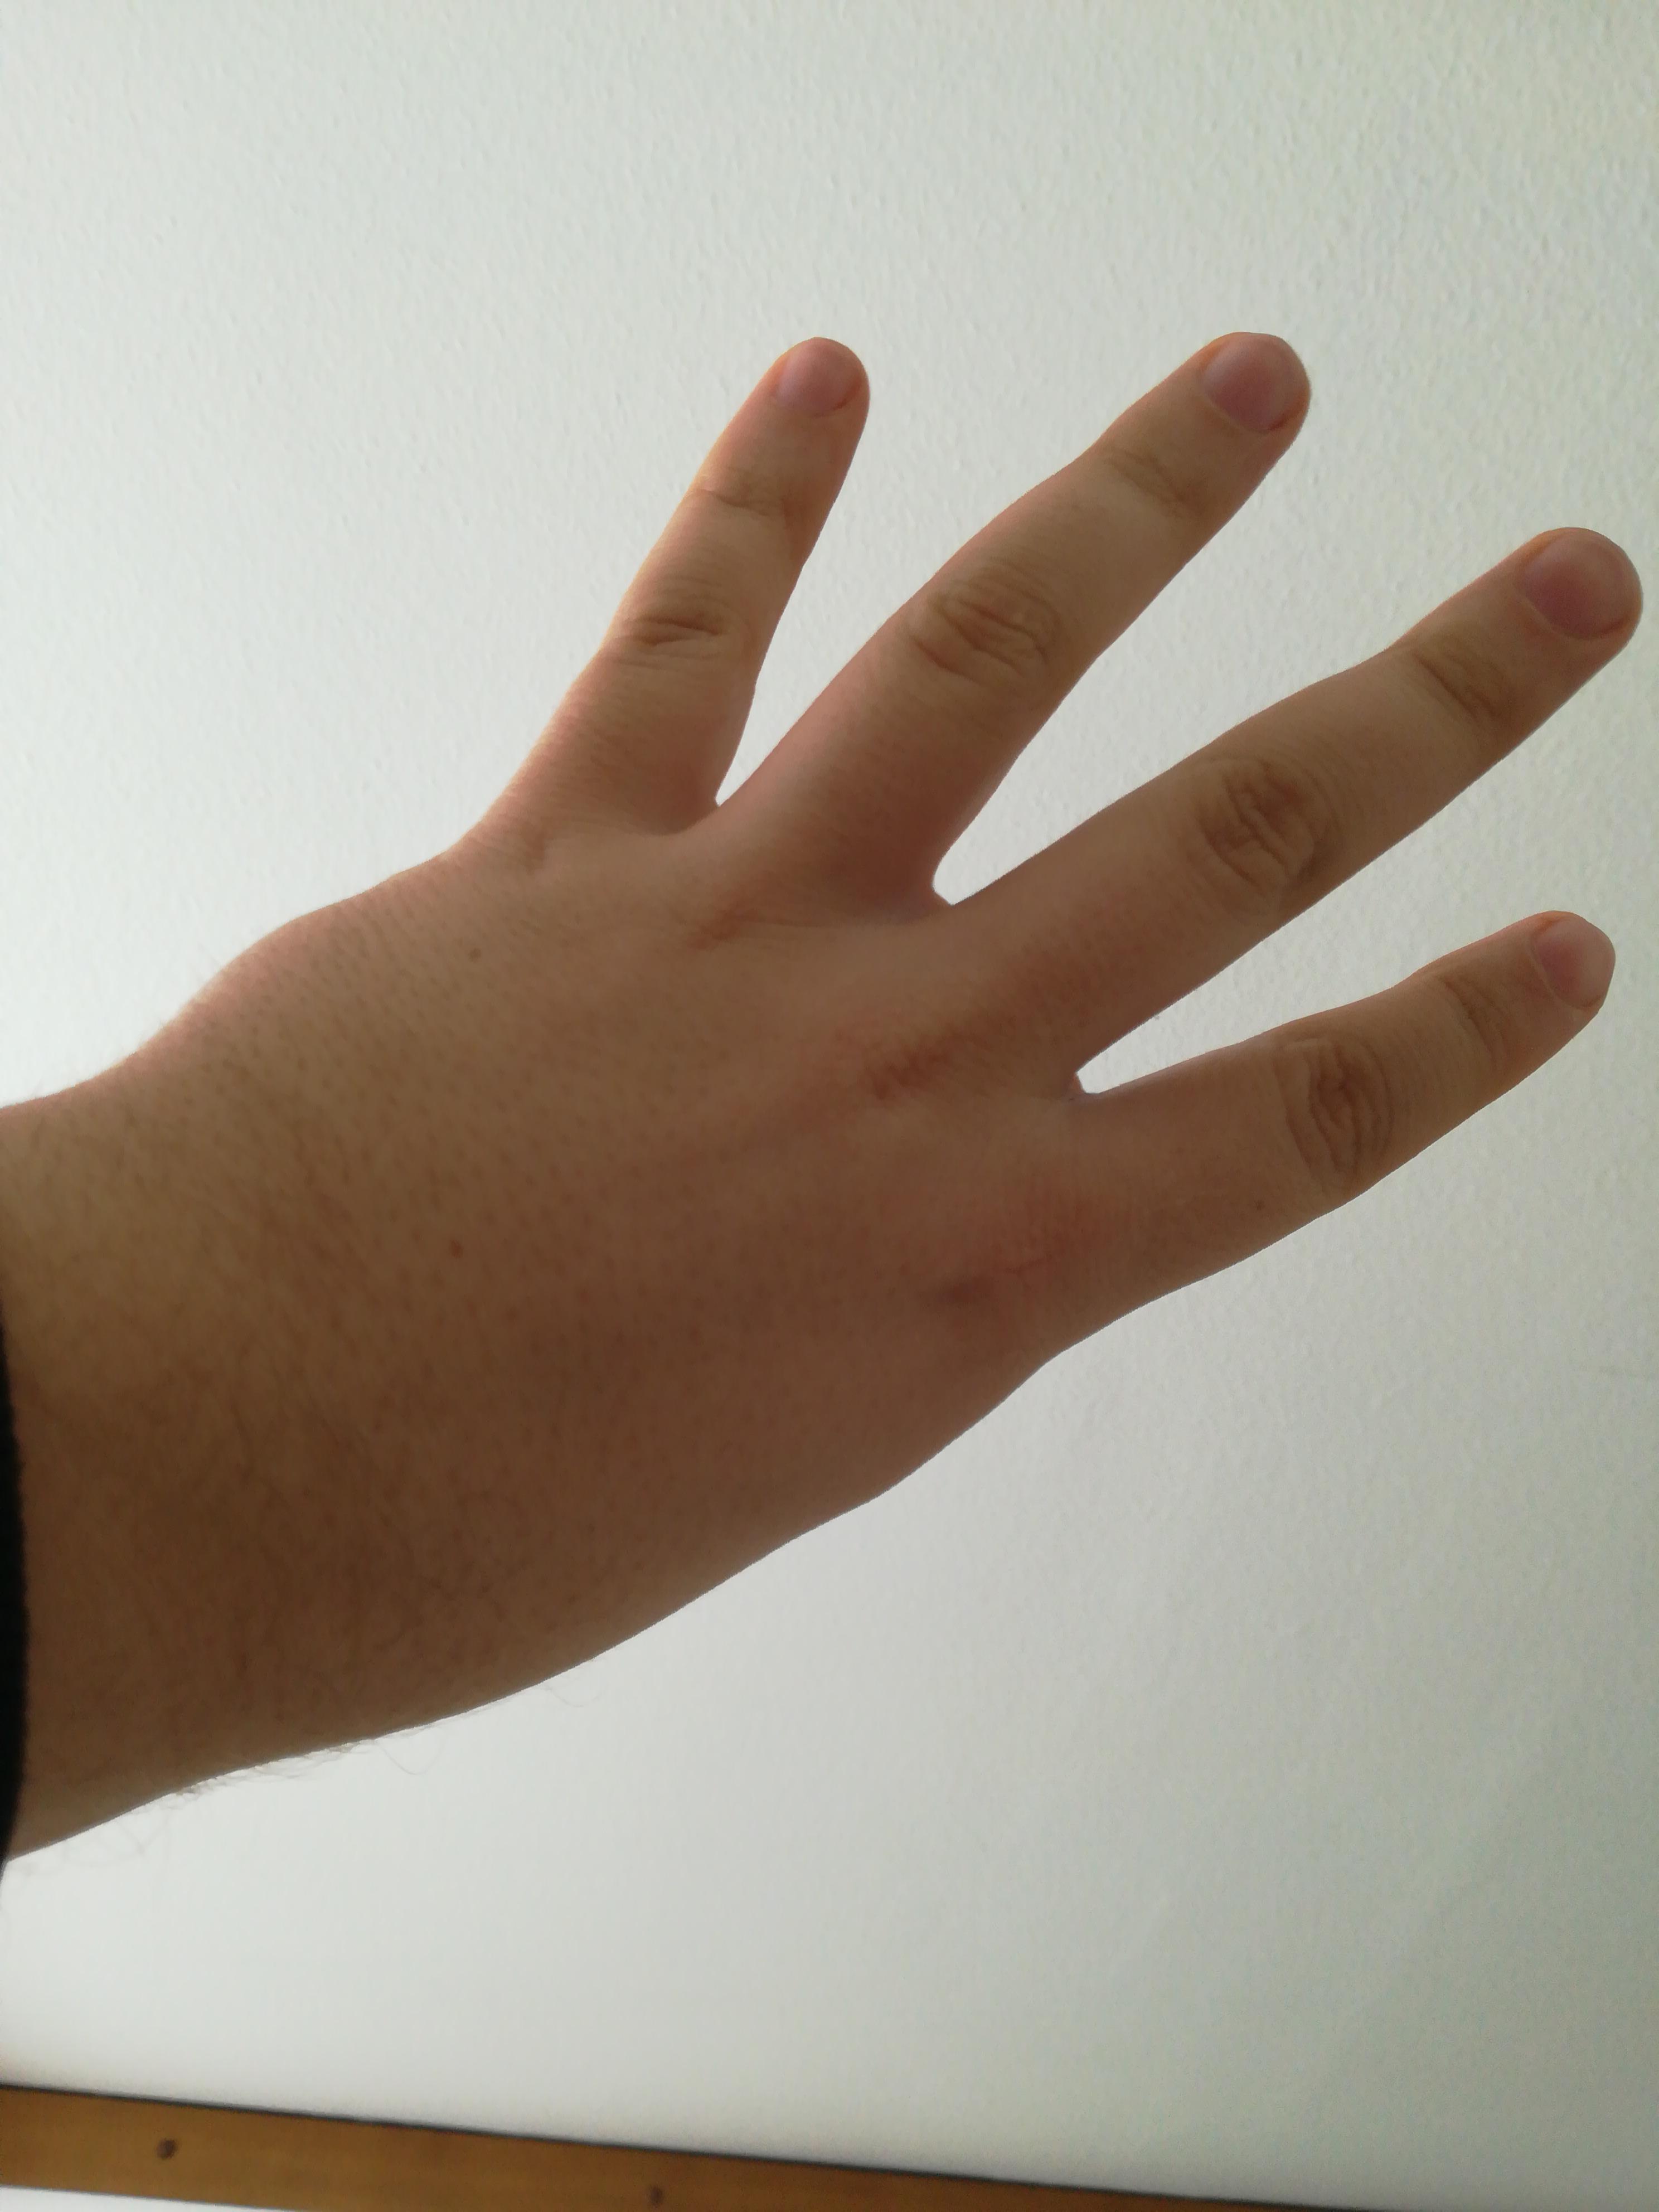 Daumen Eine Hand Taubheitsgefühl in